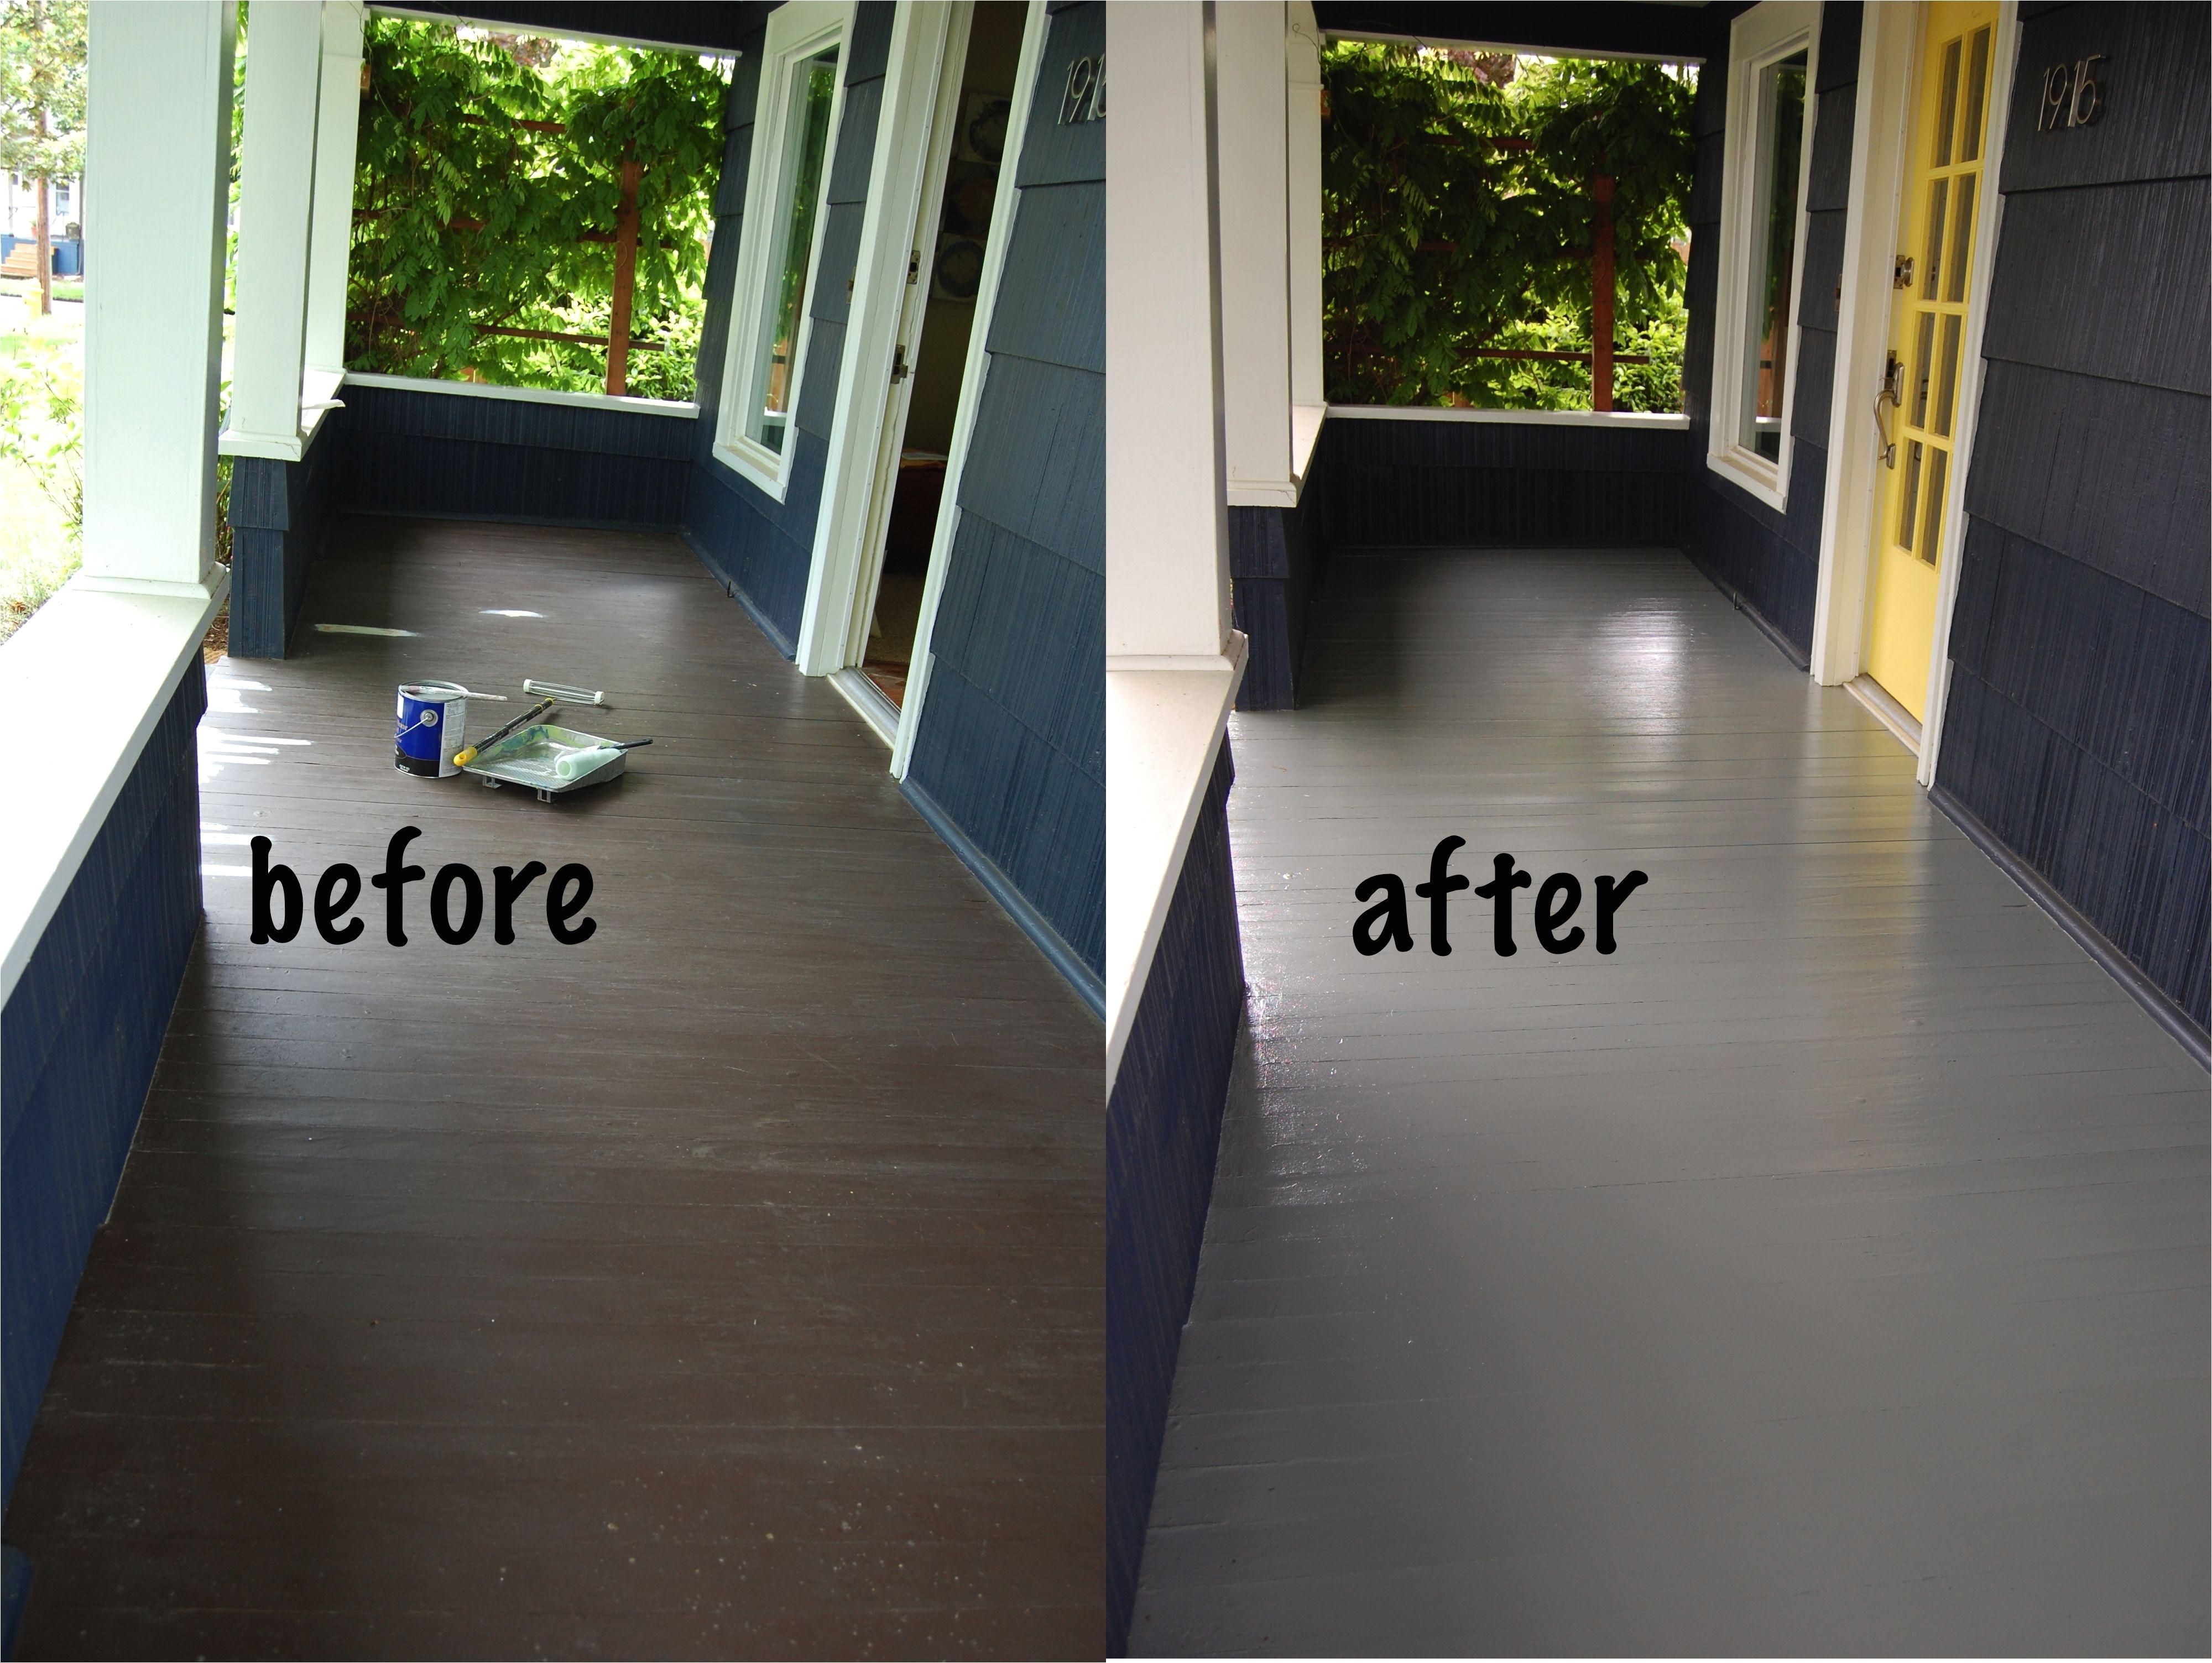 Superieur Behr Porch And Floor Paint Color Chart Patio Paint Home Decor Ideas Uin  Community Us